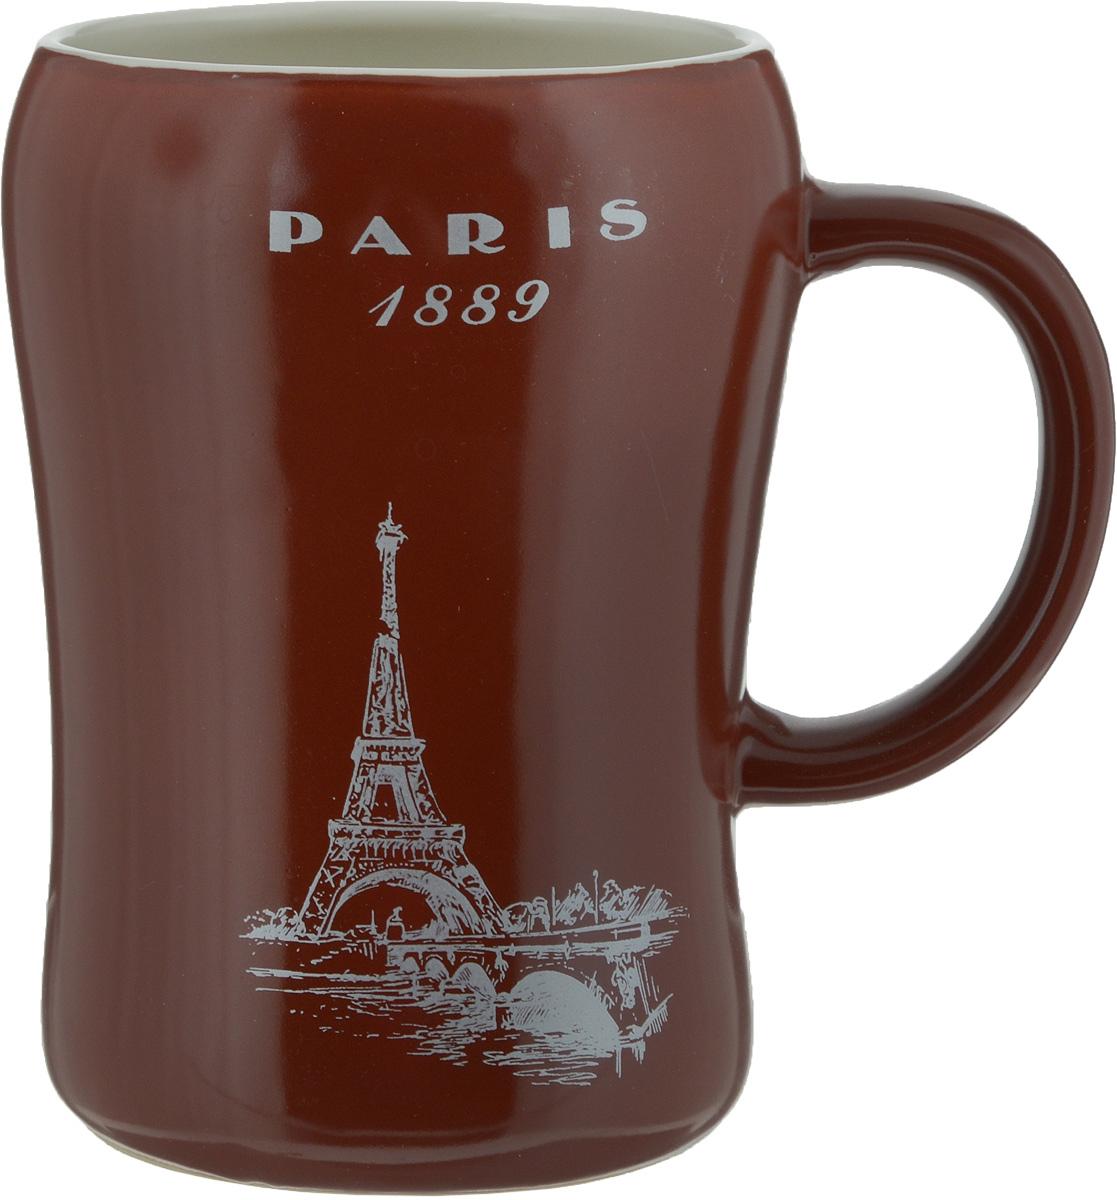 Кружка пивная Bella Paris, цвет: коричневый, 500 млKR-01SCD290CB-1438_коричневыйПивная кружка Bella Paris- это не просто емкость для пенного напитка, это еще оригинальный сувенир или прекрасный подарок для настоящего ценителя. Такая пивная кружка превращает распитие пива в настоящий ритуал. Кружка выполнена из керамики и надписью Paris 1889. Пивная кружка Bella Paris станет прекрасным пополнением вашей коллекции. Не рекомендуется мыть в посудомоечной машине.Объем: 500 мл. Высота кружки: 13 см. Диаметр (по верхнему краю): 8,5 см.